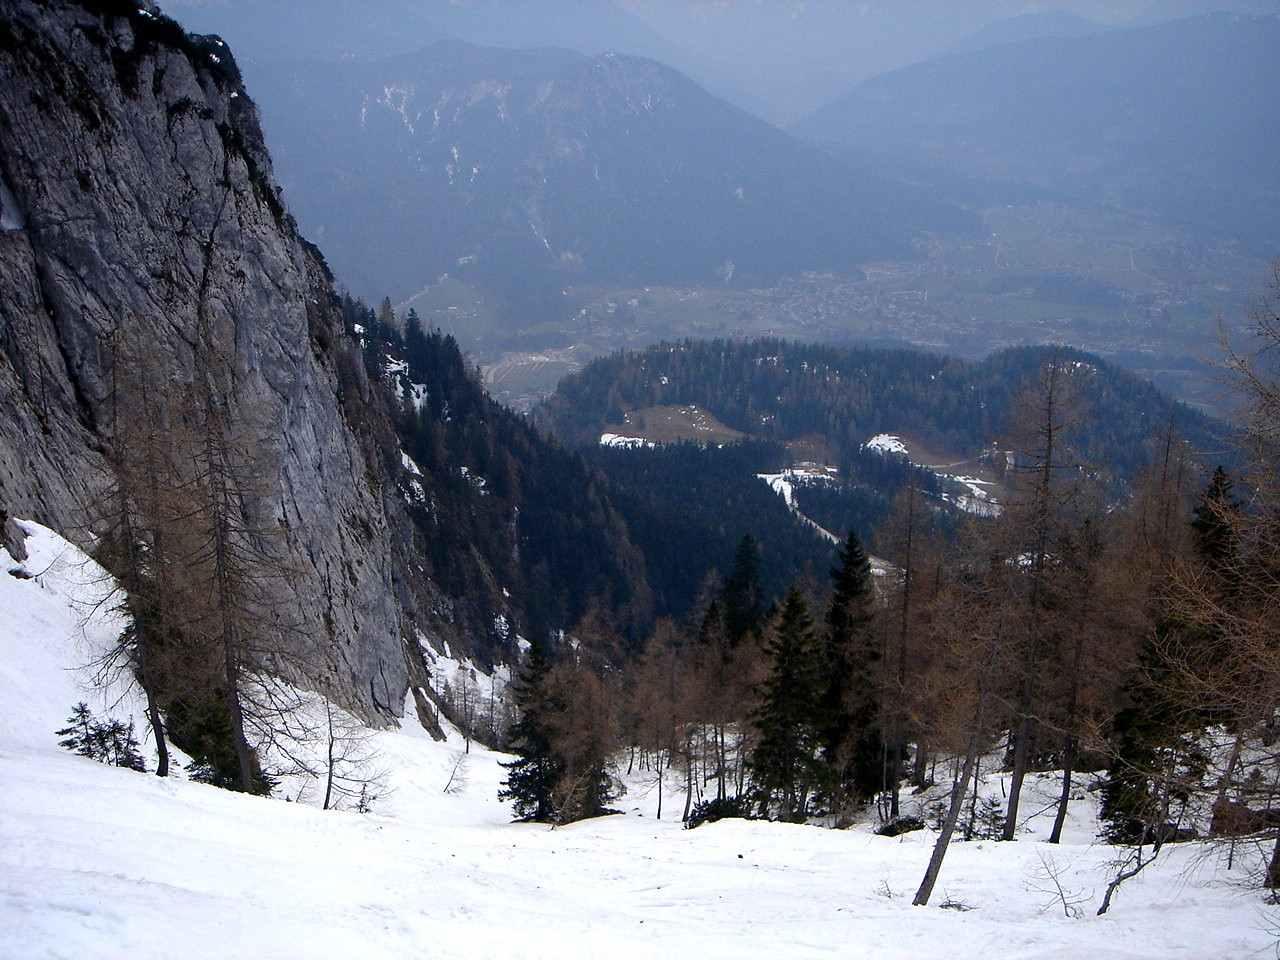 Foto: Manfred Karl / Ski Tour / Hoher Göll, 2522m / Unterer Teil des Alpeltals, kurz vorm Lärchenwandl. / 18.05.2007 06:36:41